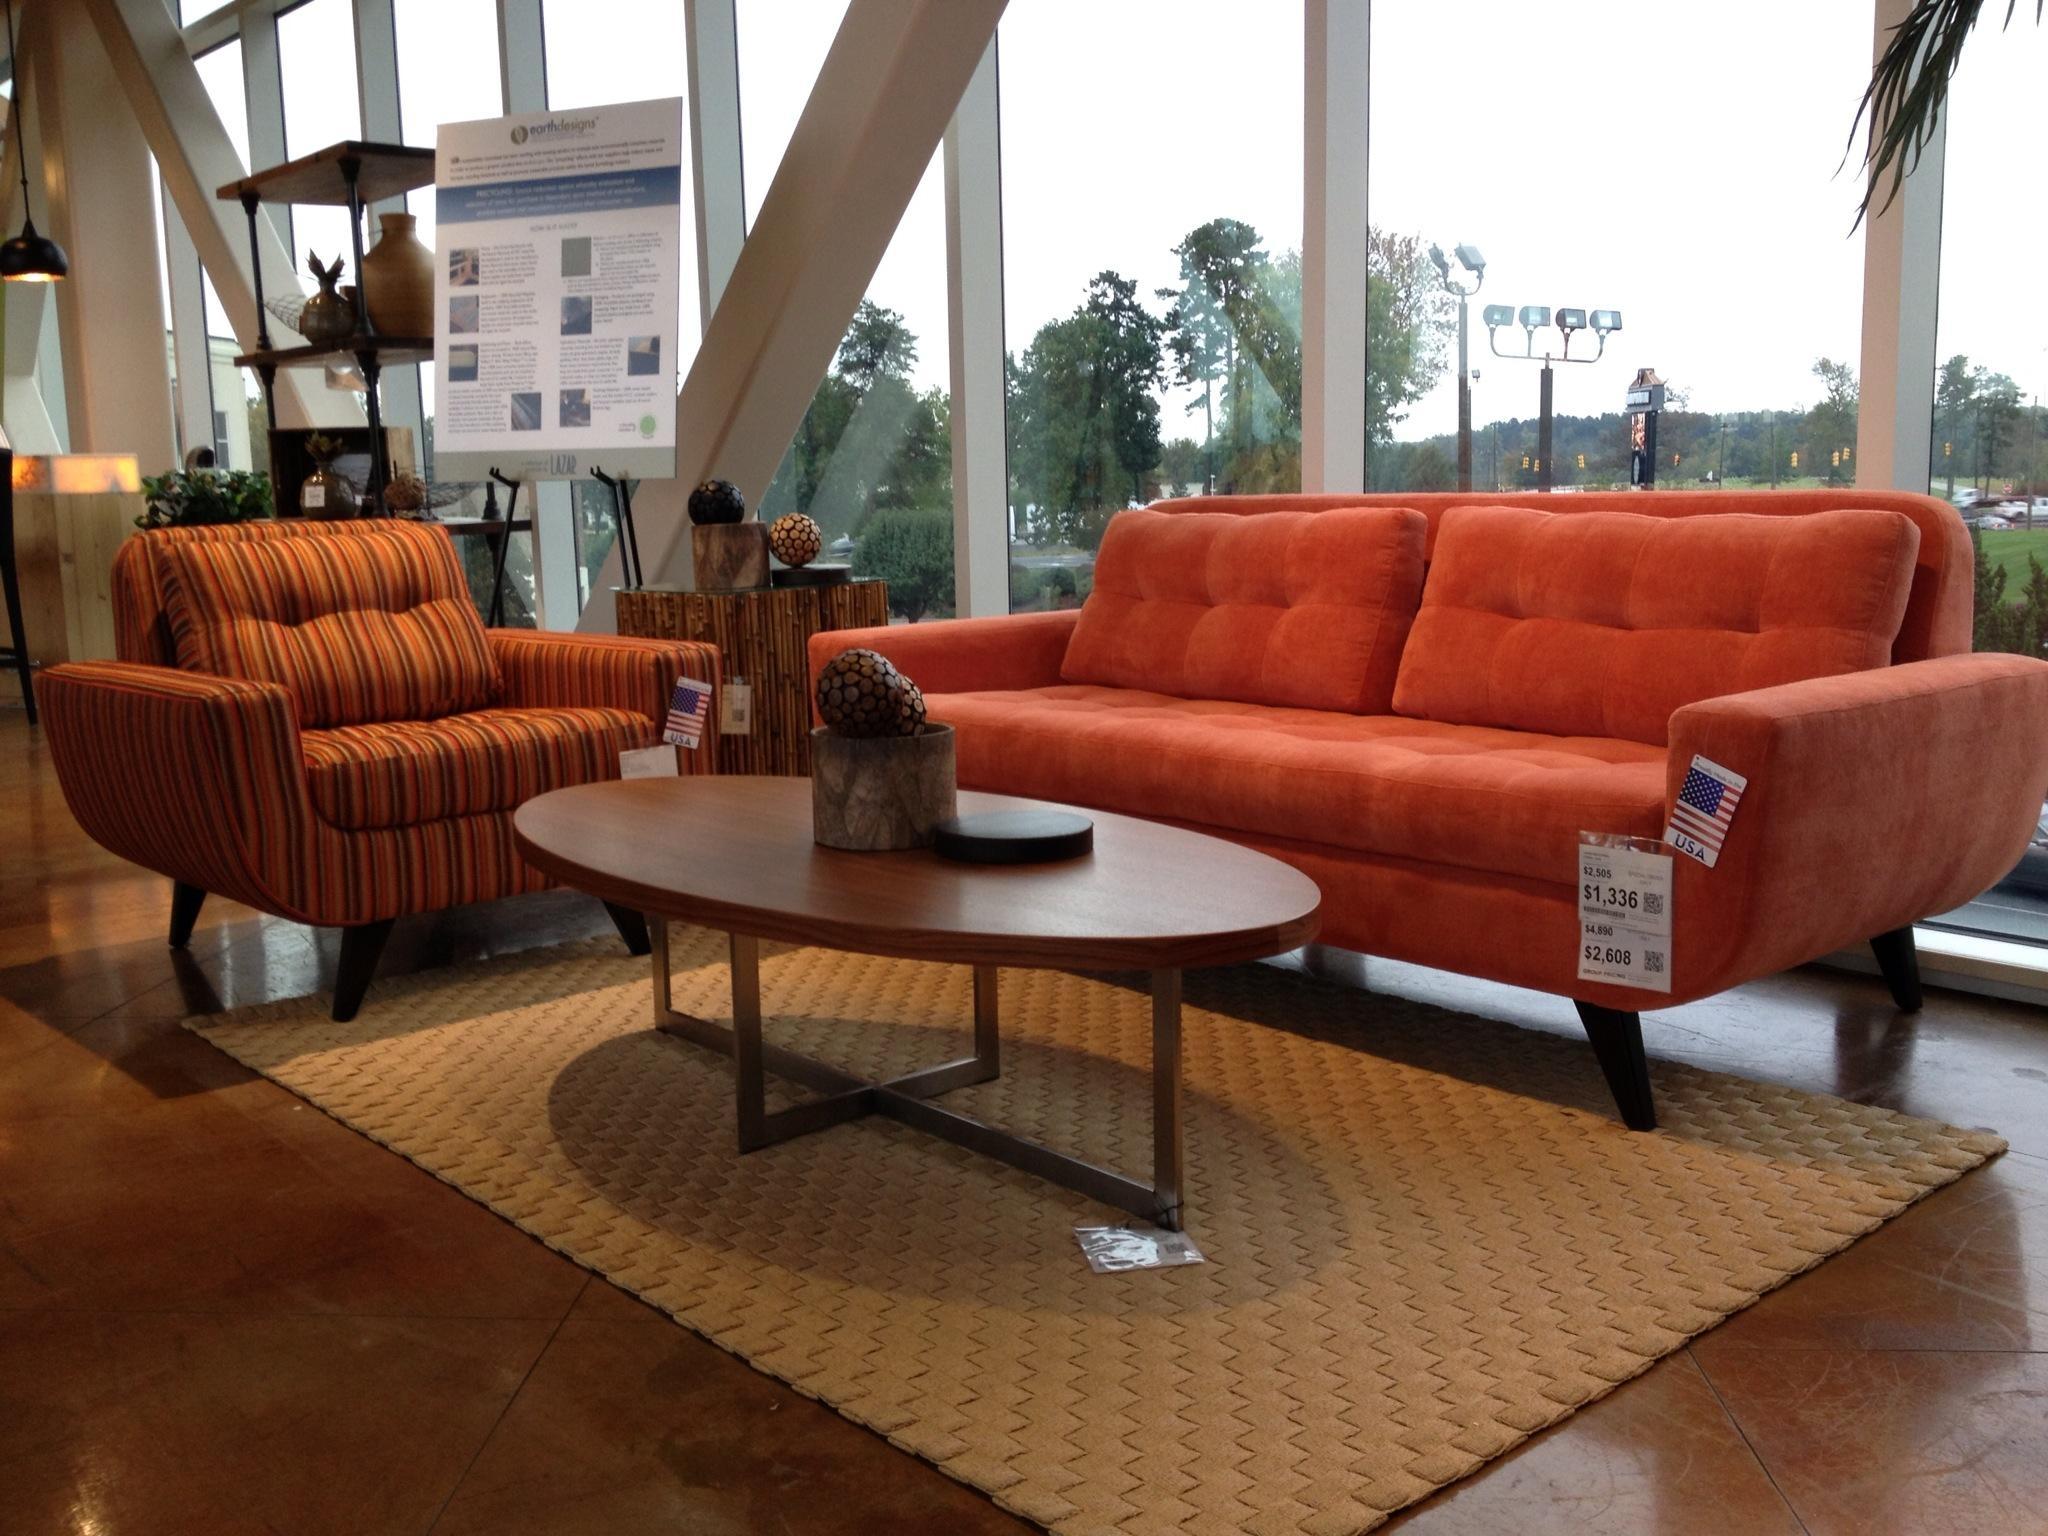 Sofas Center : Orange Leather Sofa Kanes Furniture Sofas And With Regard To Burnt Orange Sofas (Image 18 of 20)